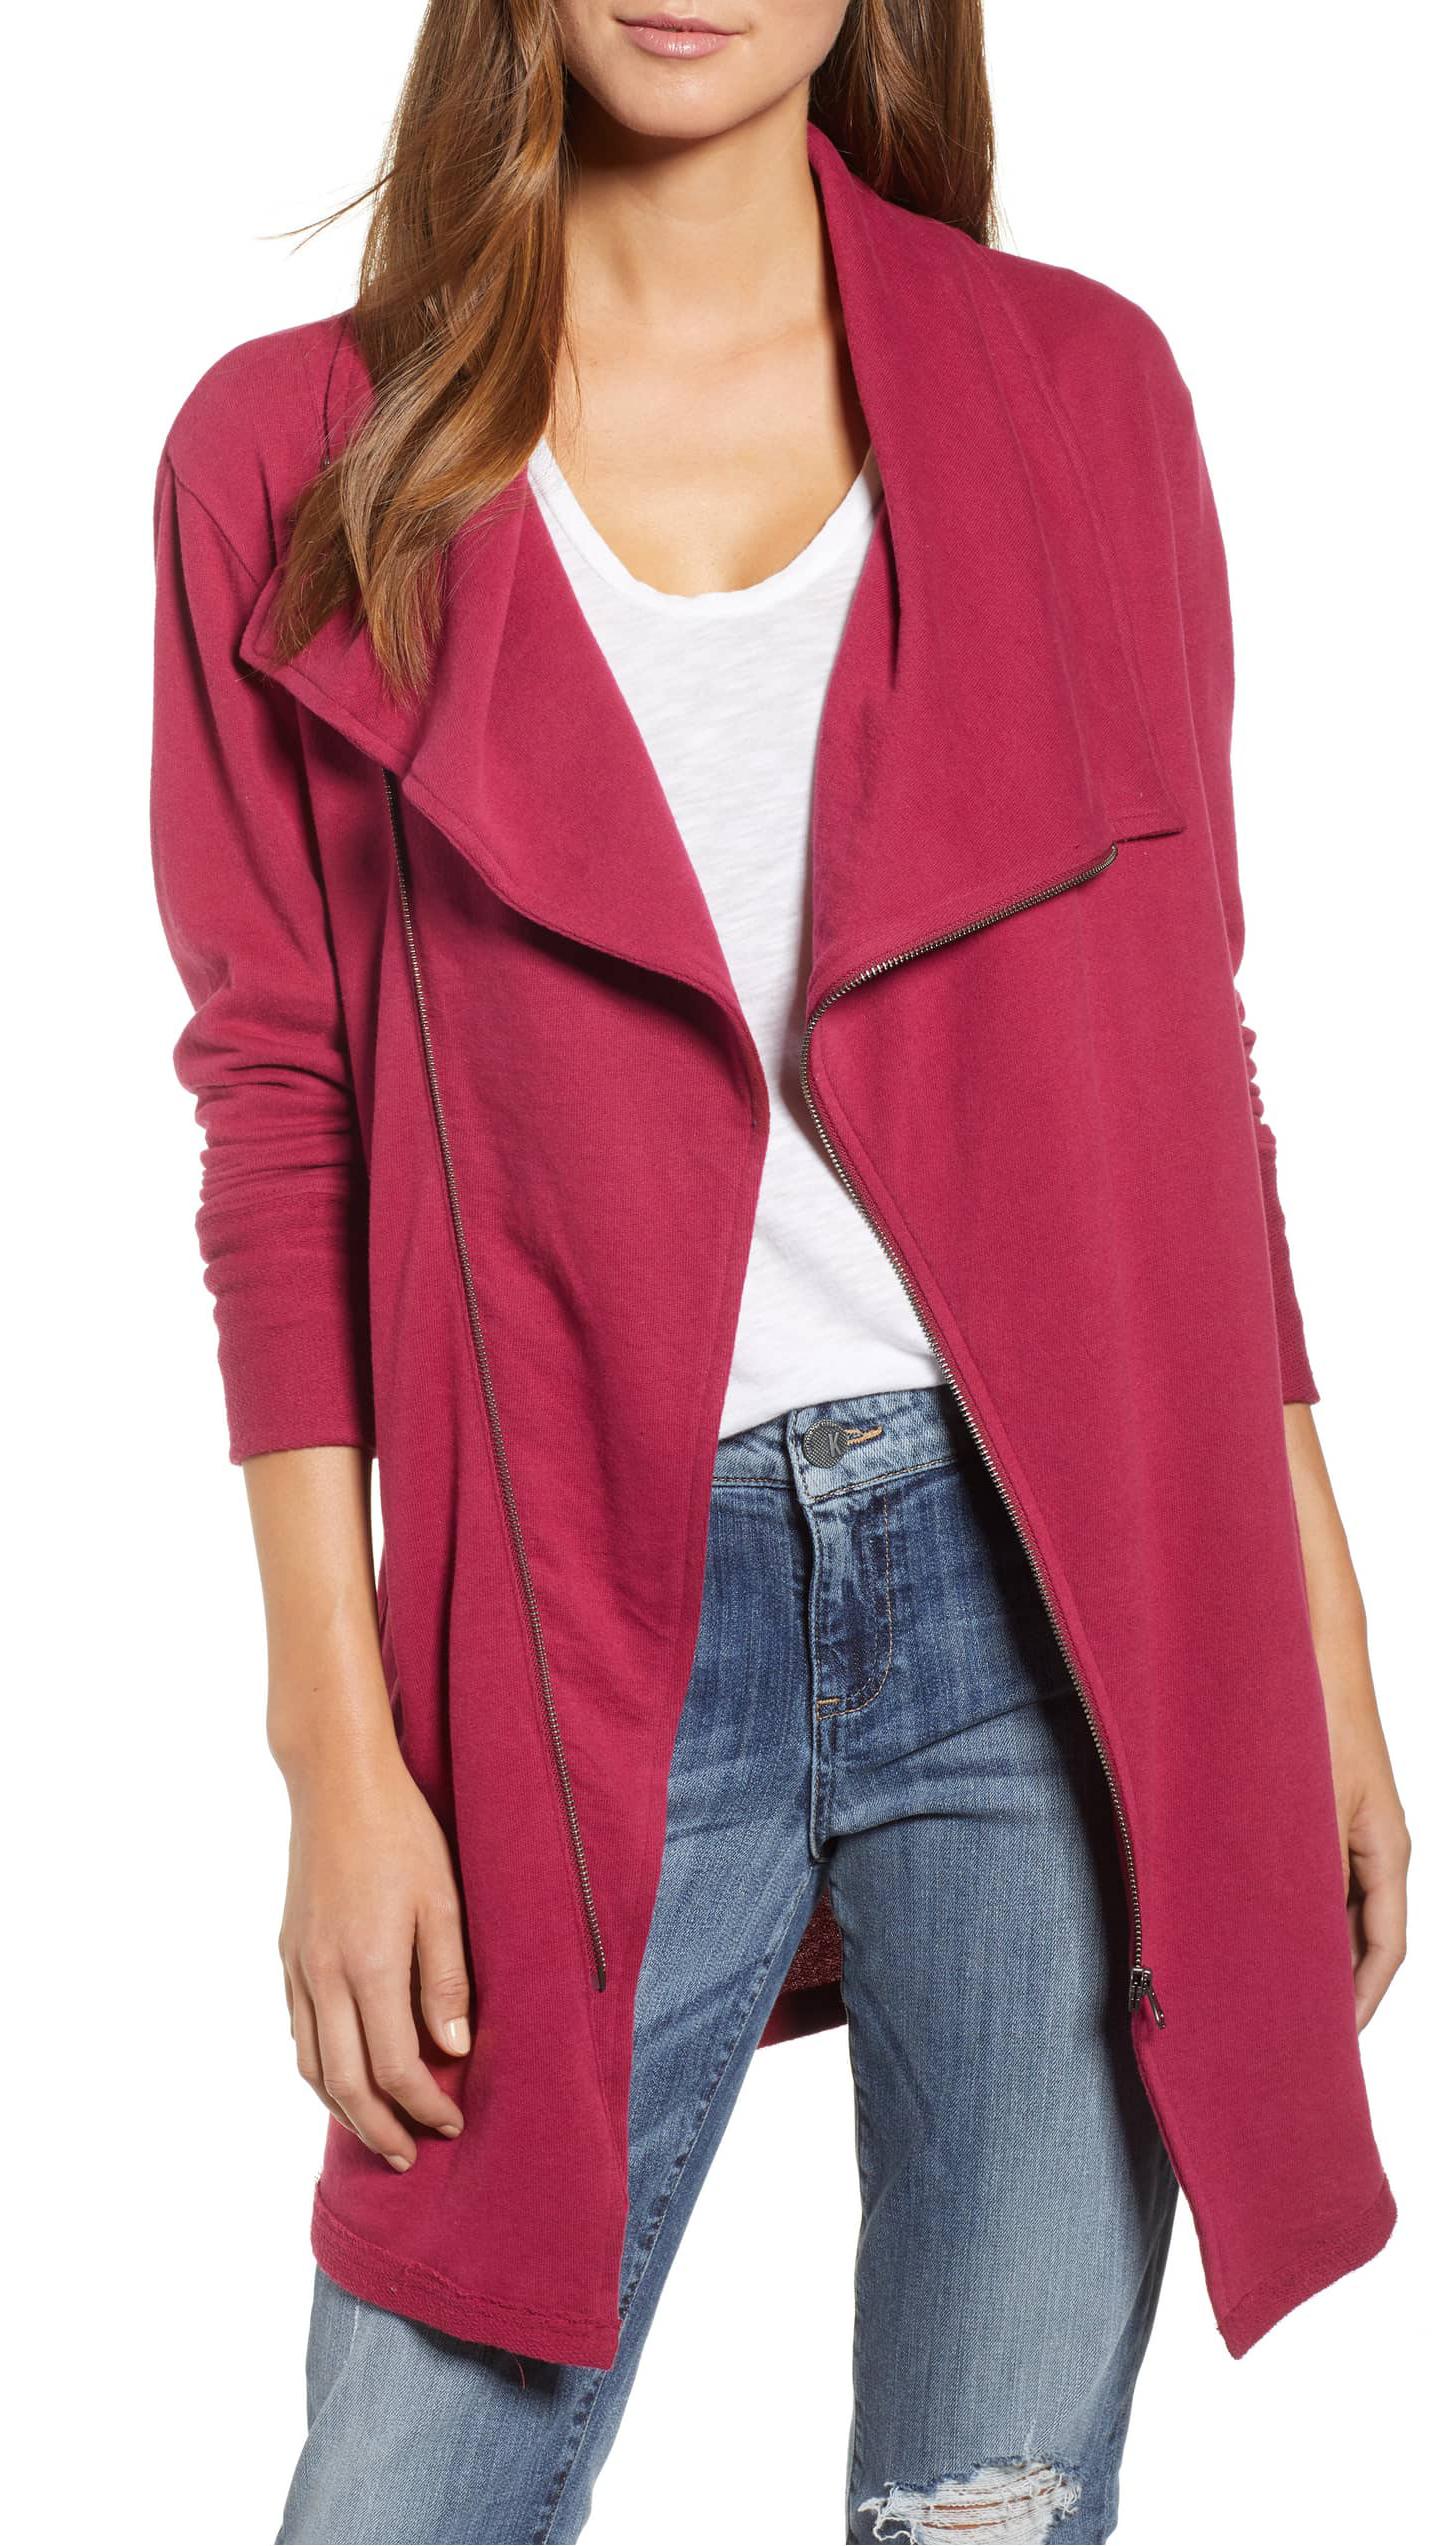 caslon jacket